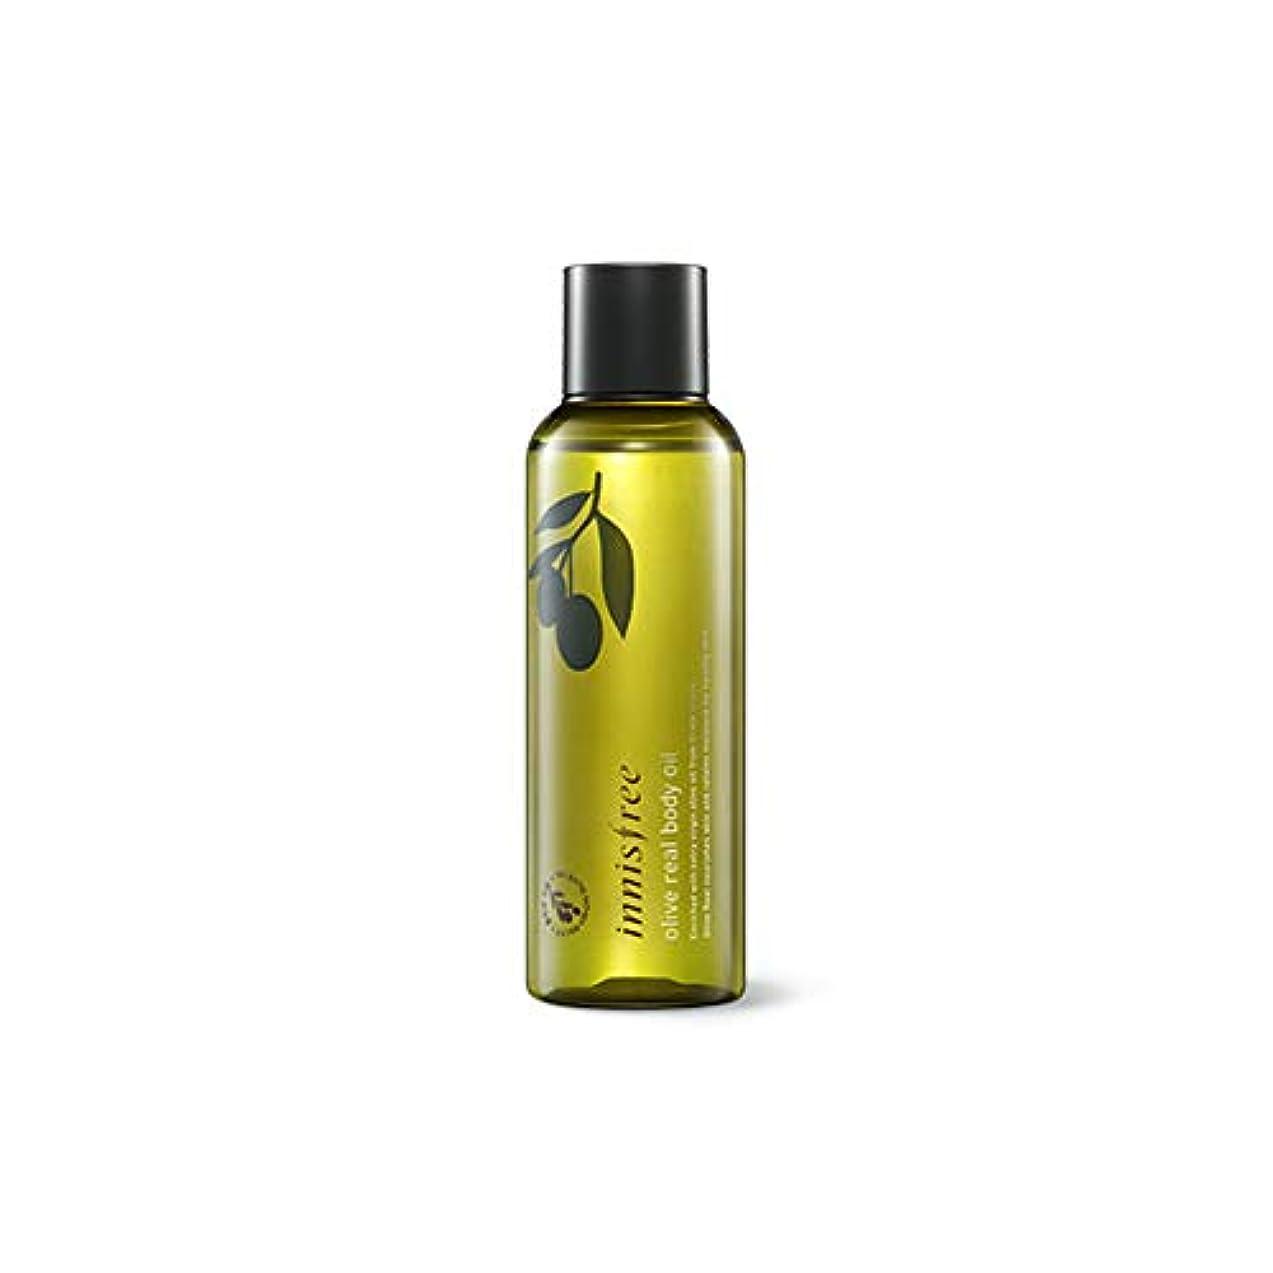 気性暖炉会話イニスフリー Innisfree オリーブリアルボディーオイル(150ml) Innisfree Olive Real Body Oil(150ml) [海外直送品]